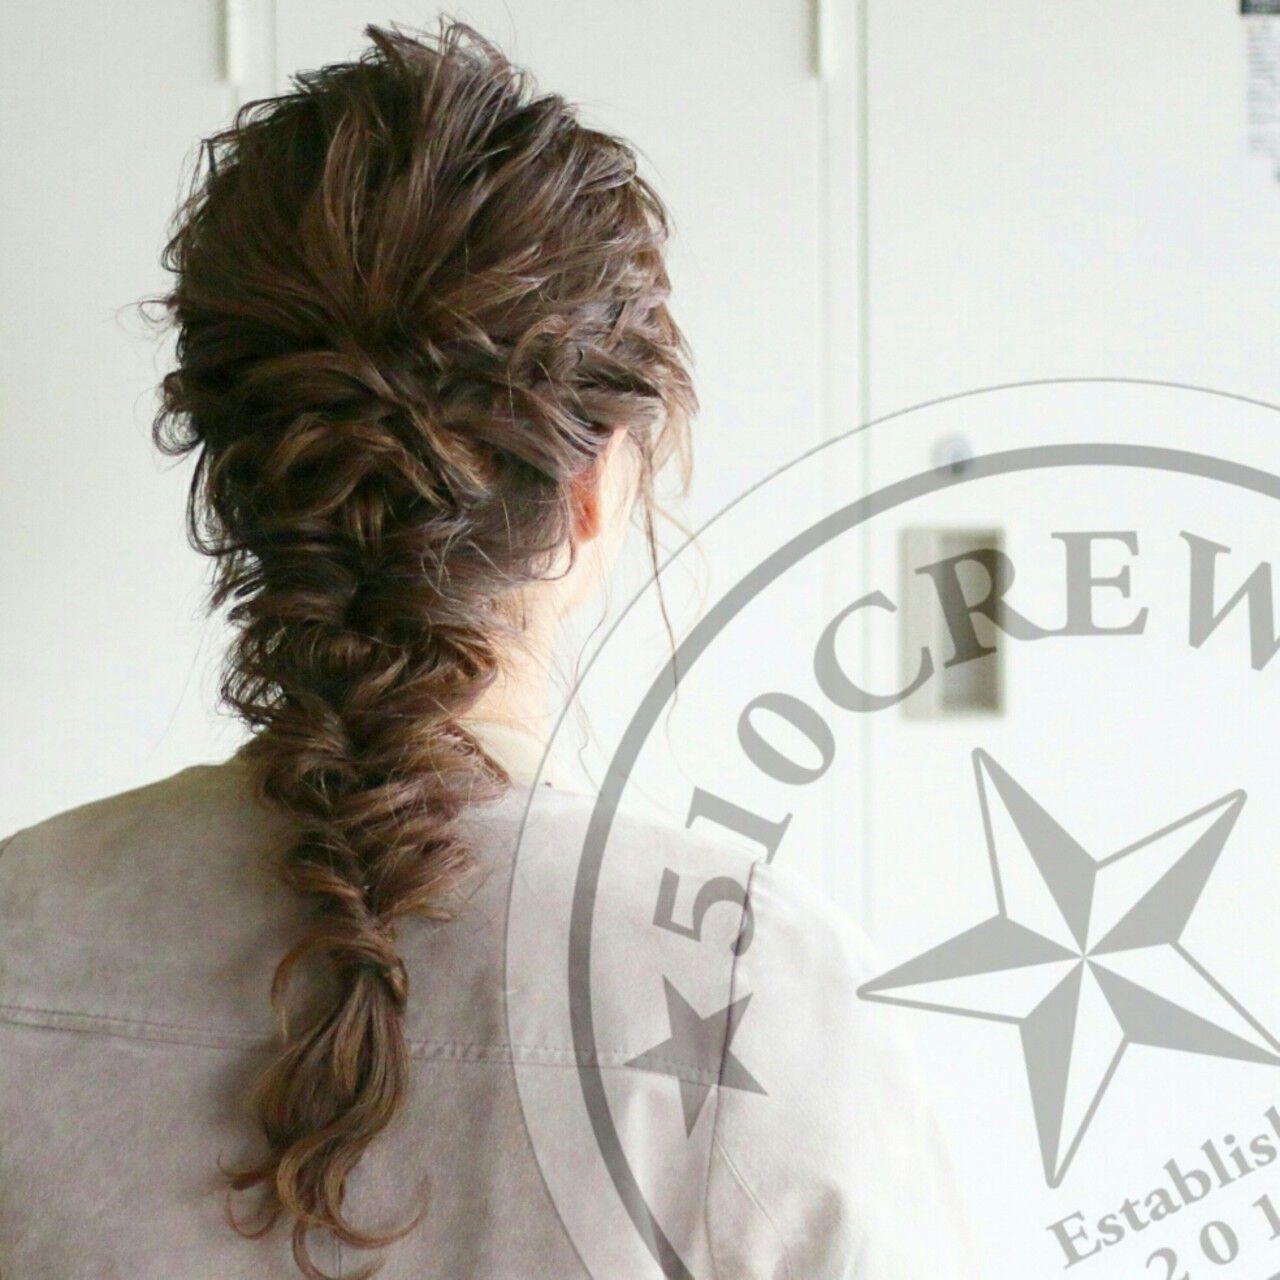 エレガント 上品 外国人風 ゆるふわヘアスタイルや髪型の写真・画像